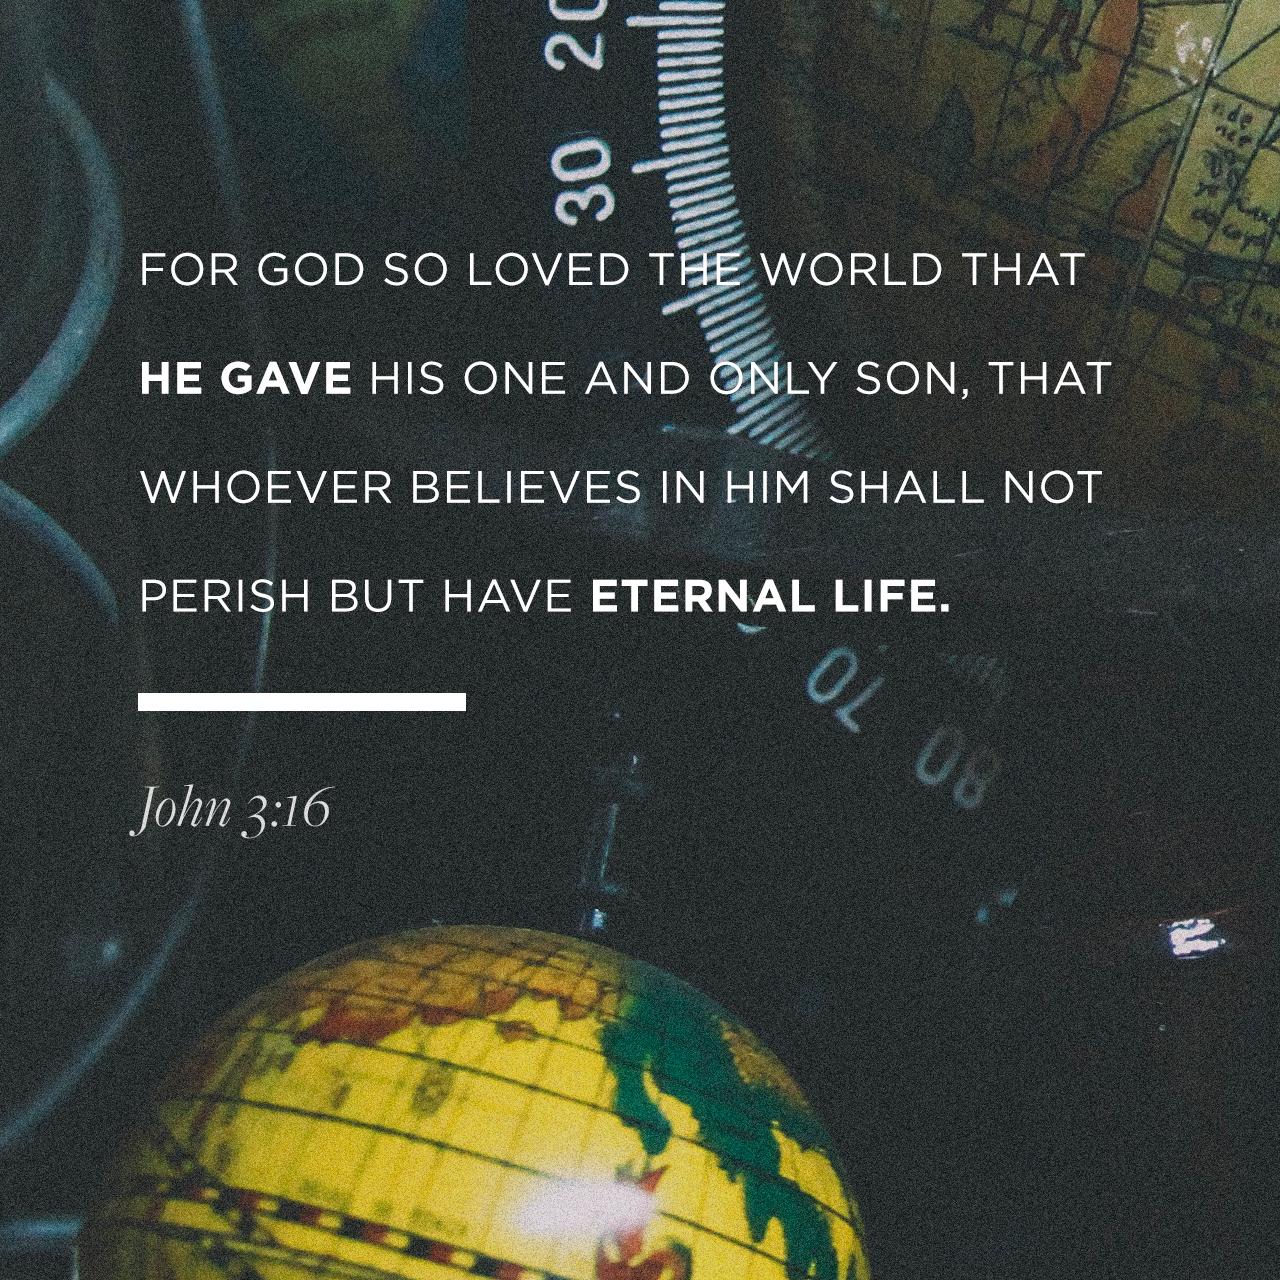 John 3:16 (JPG)